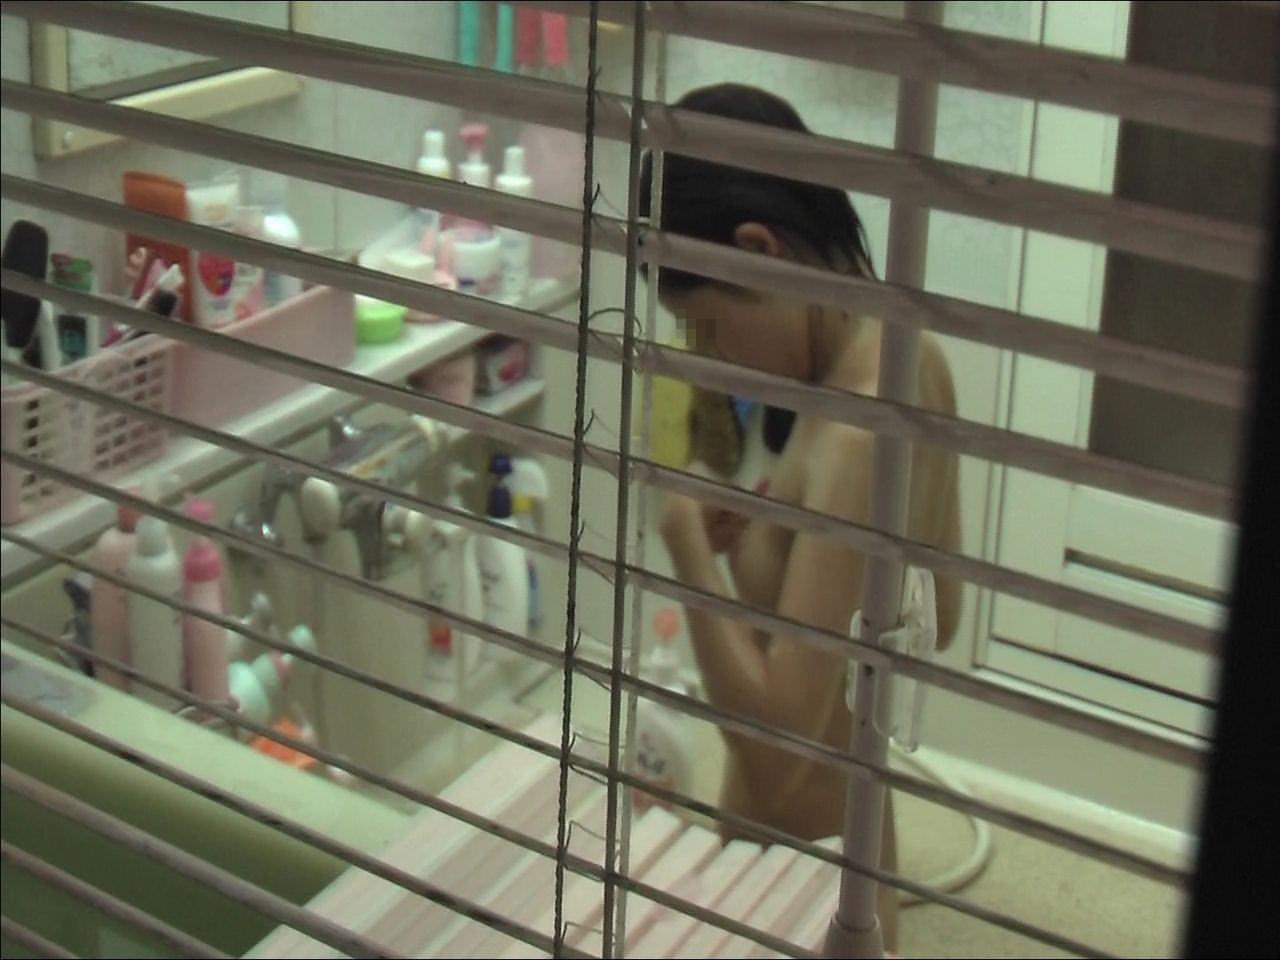 部屋や風呂場で素っ裸になった女の子が見えた (7)